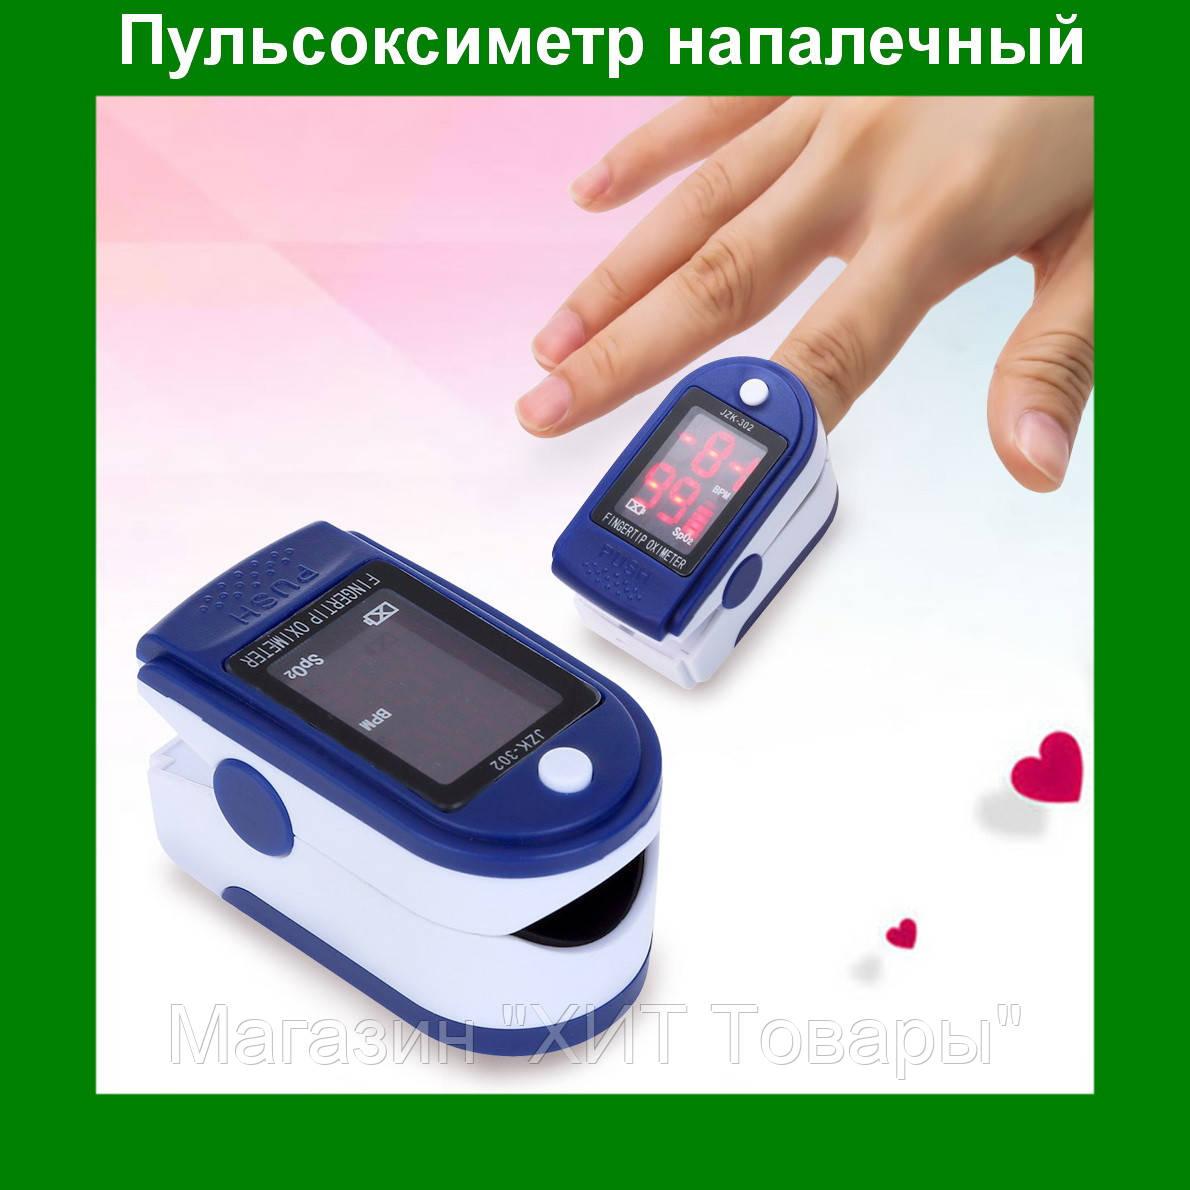 """Пульсоксиметр напалечный Pulse Oximeter JZK-302, прибор для измерения уровня кислорода в крови!Акция - Магазин """"ХИТ Товары"""" в Одессе"""